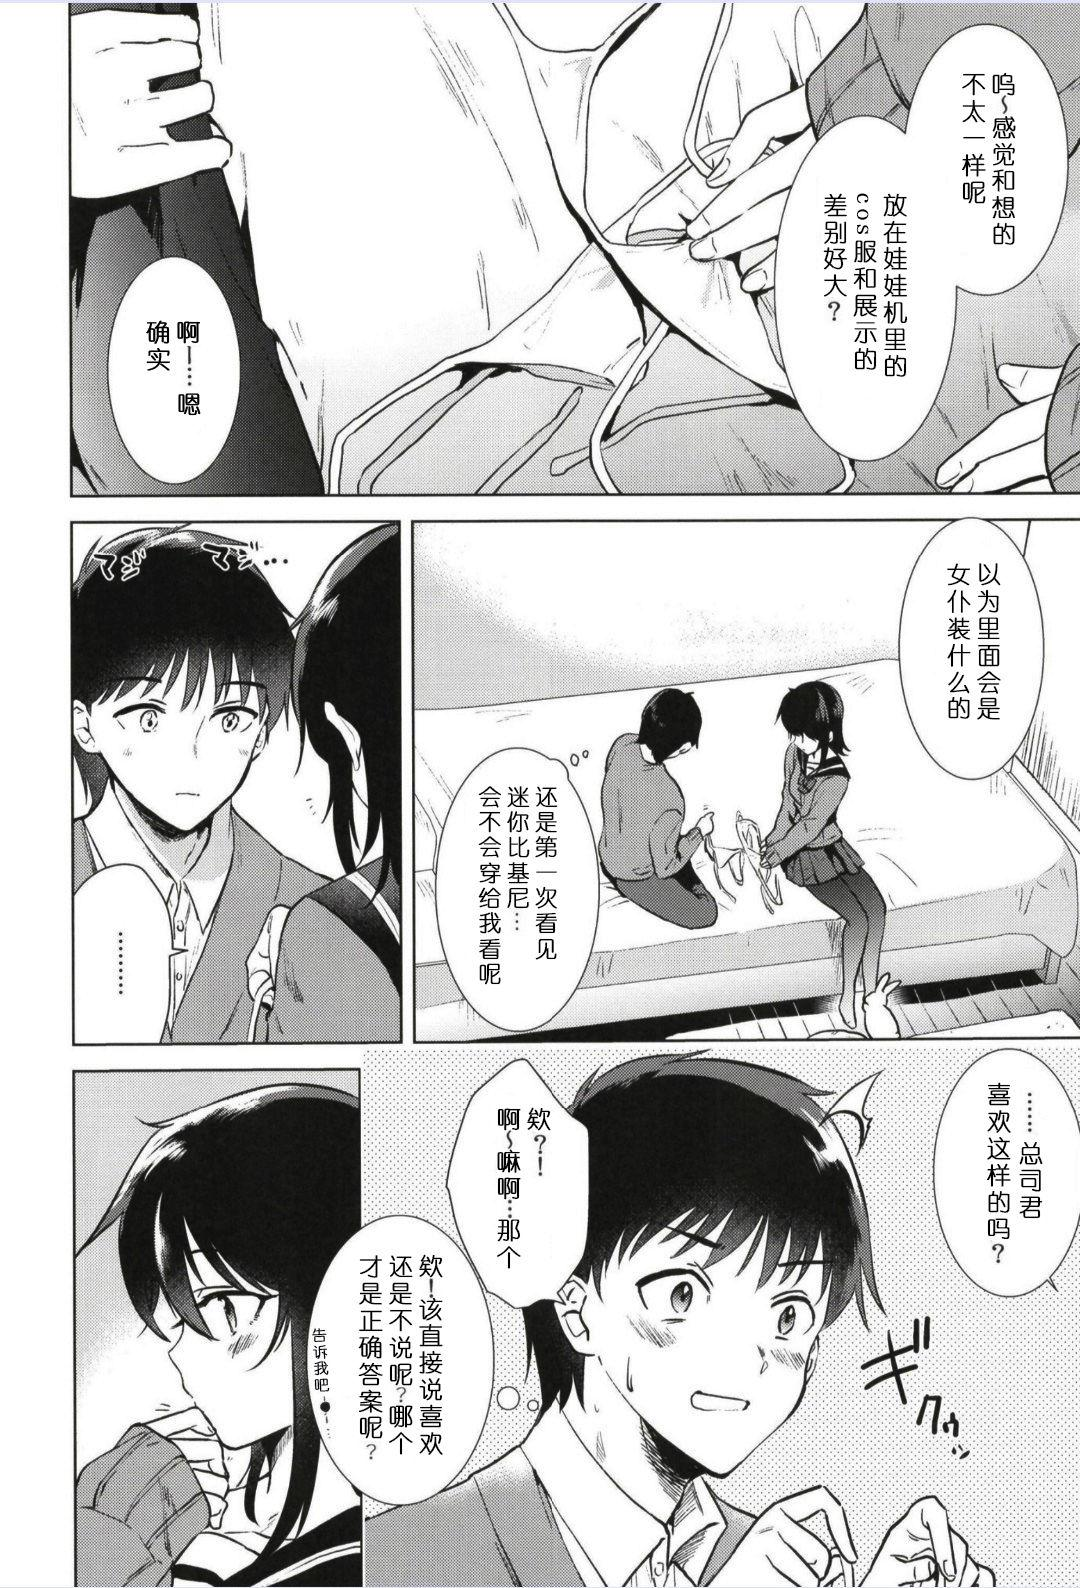 Hajimete no Fuyu - the first winter 8